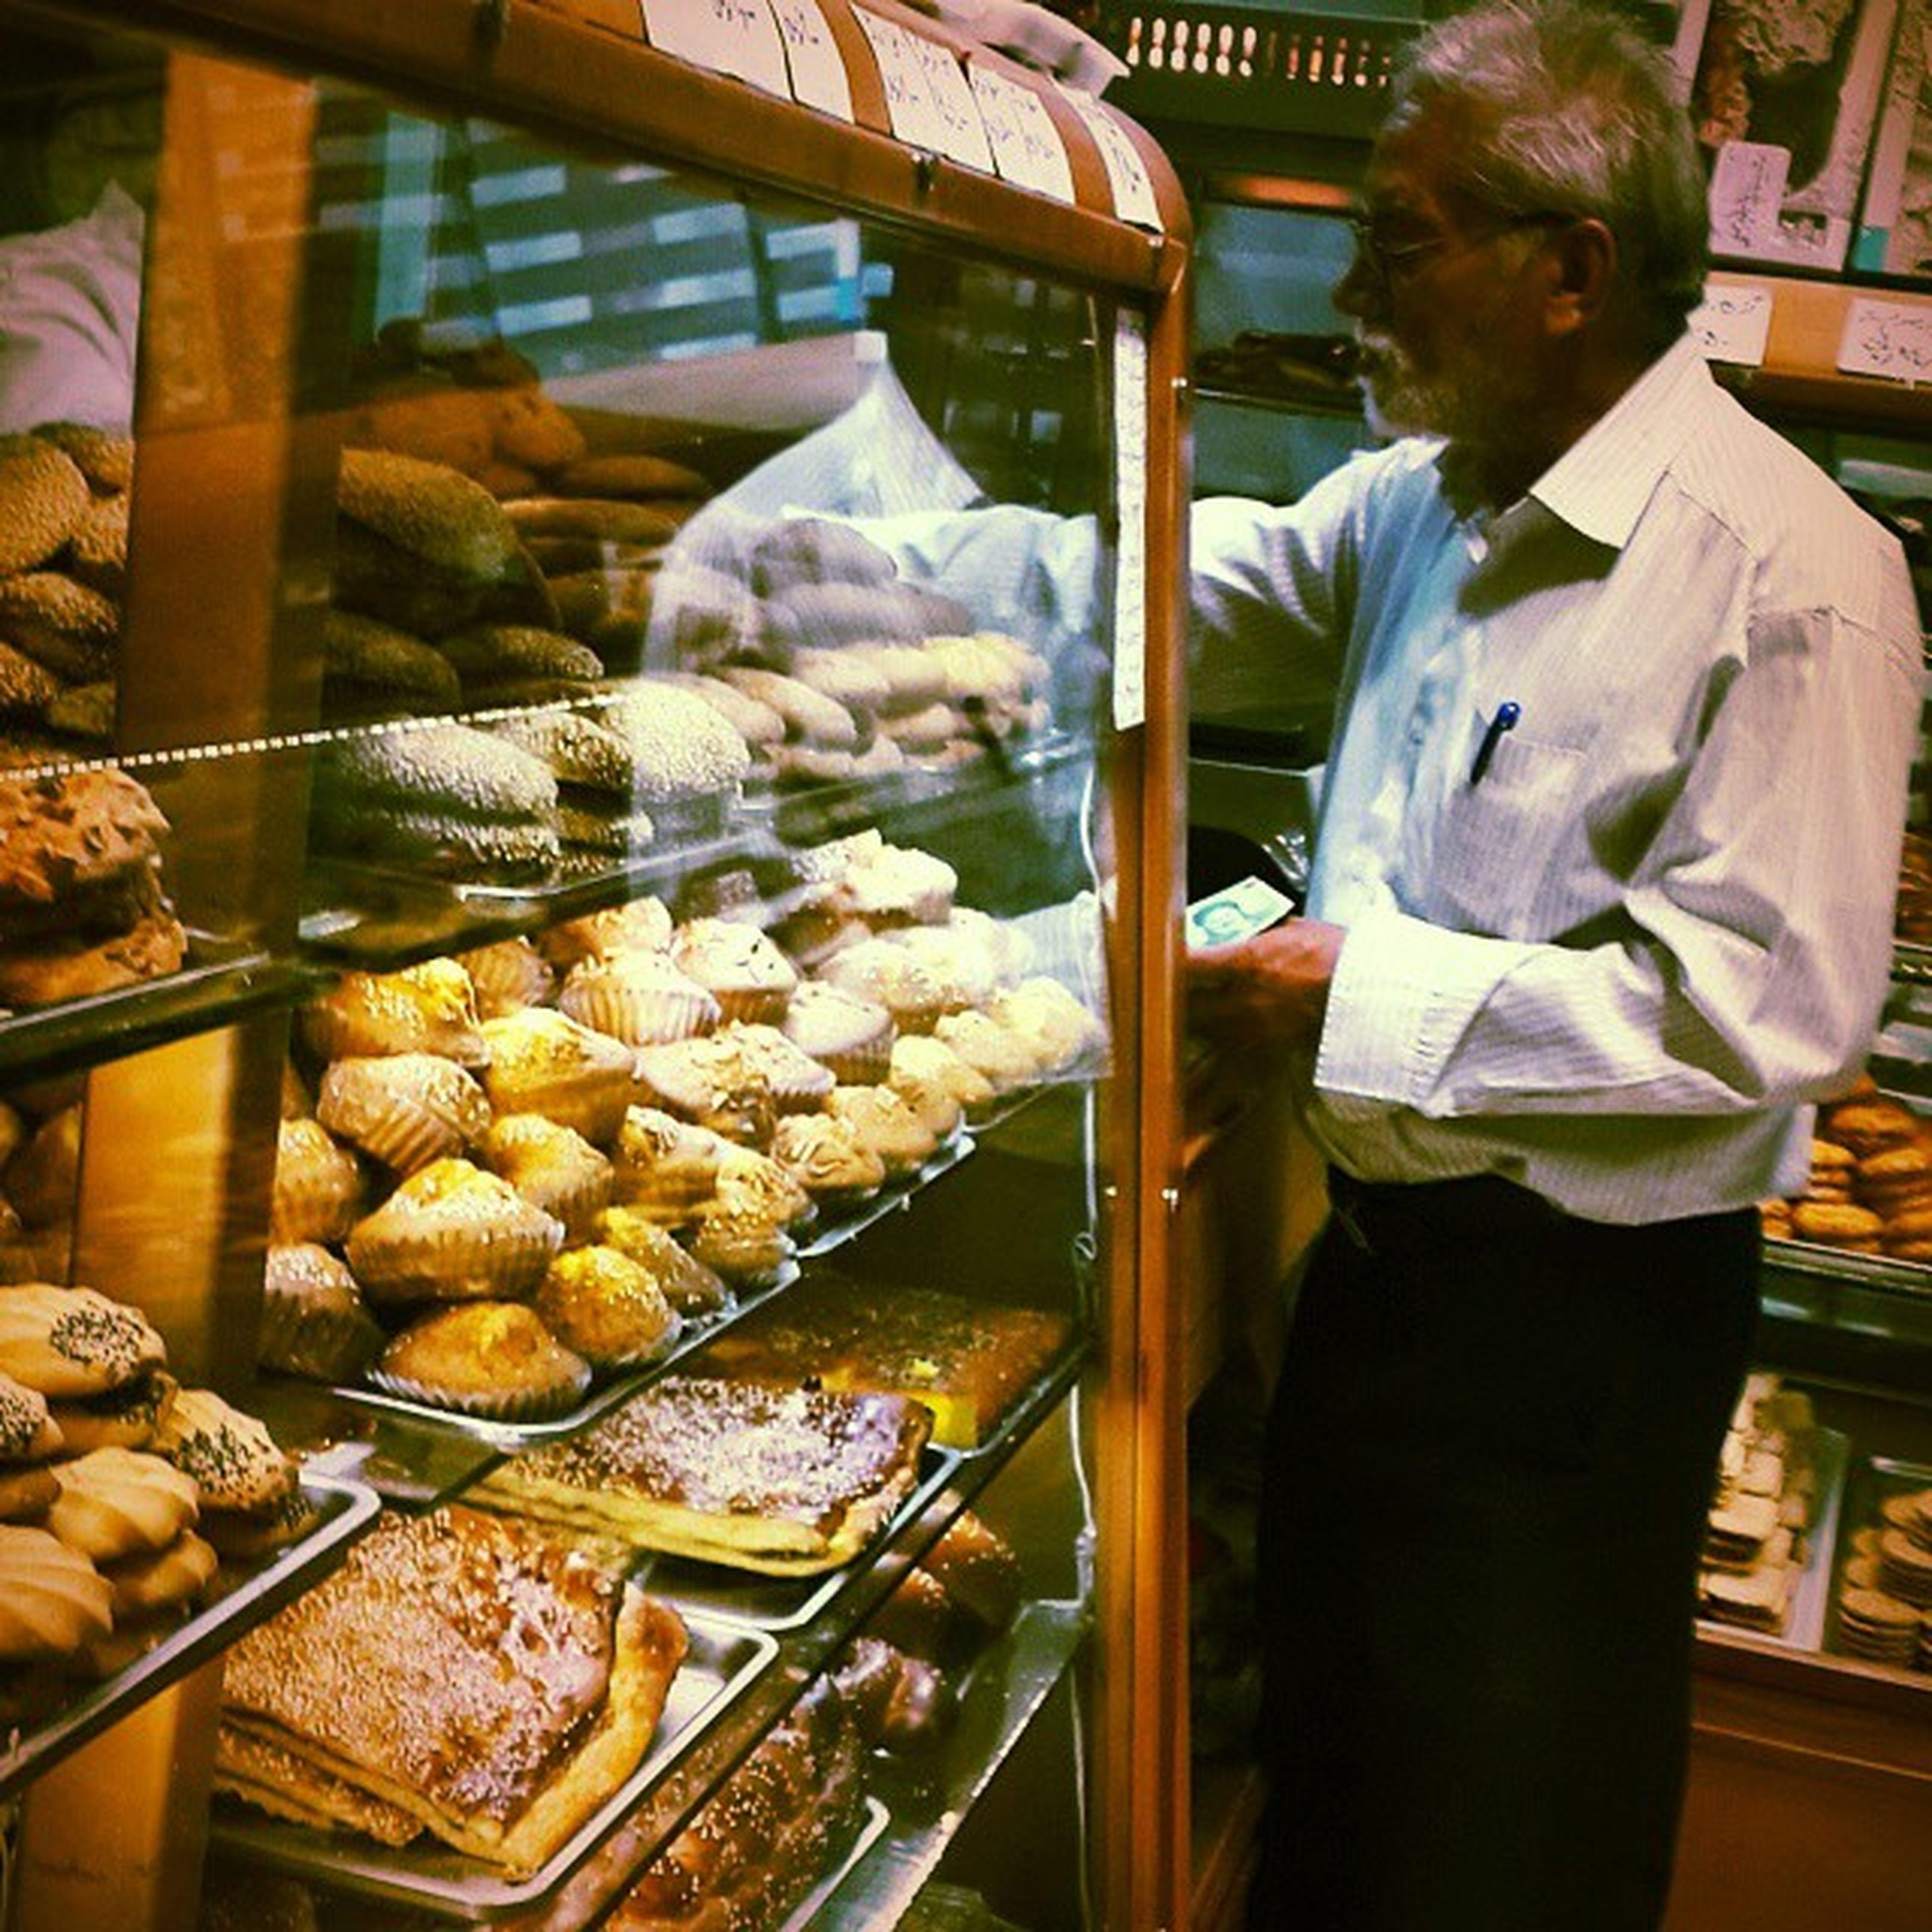 . مردی در حال خرید شیرینی . . . . . شیرینی ای در حال خریده شدن توسط یک مرد به_جون_بچه_هام 😆 . قنادی کیک کیک_یزدی نون_شیرمال از_این_کیک_های_که_روش_شکر_و_کنجد_میریزن هزار_تومان بپسند خوشمزه بفرما به_به بزن Delicious Cake Islamfood Iranfood Qom